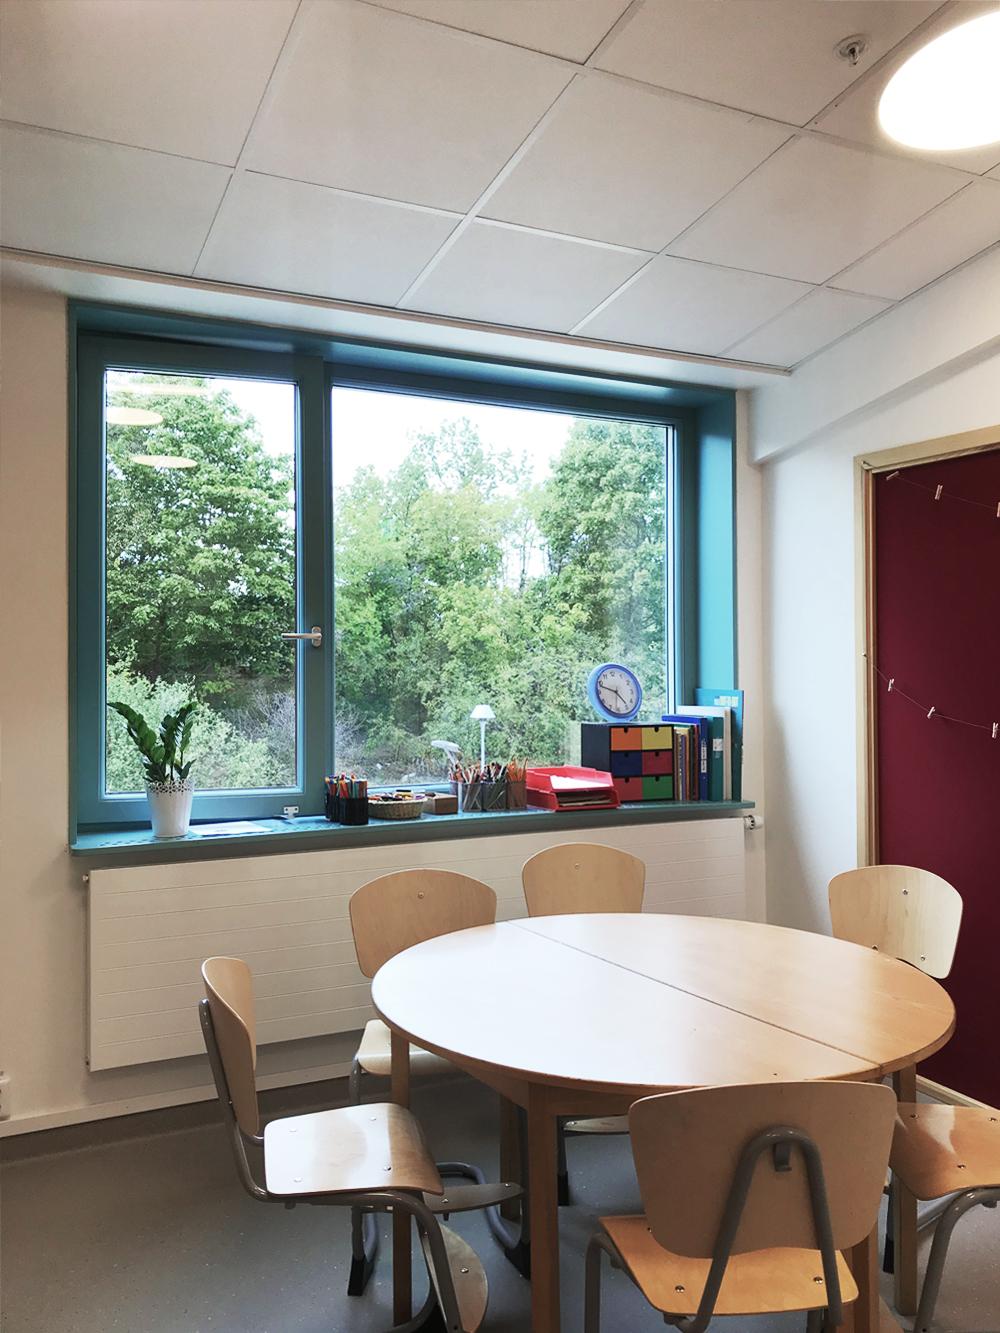 Fönster med extra djupa nischer som kan användas för förvaring…